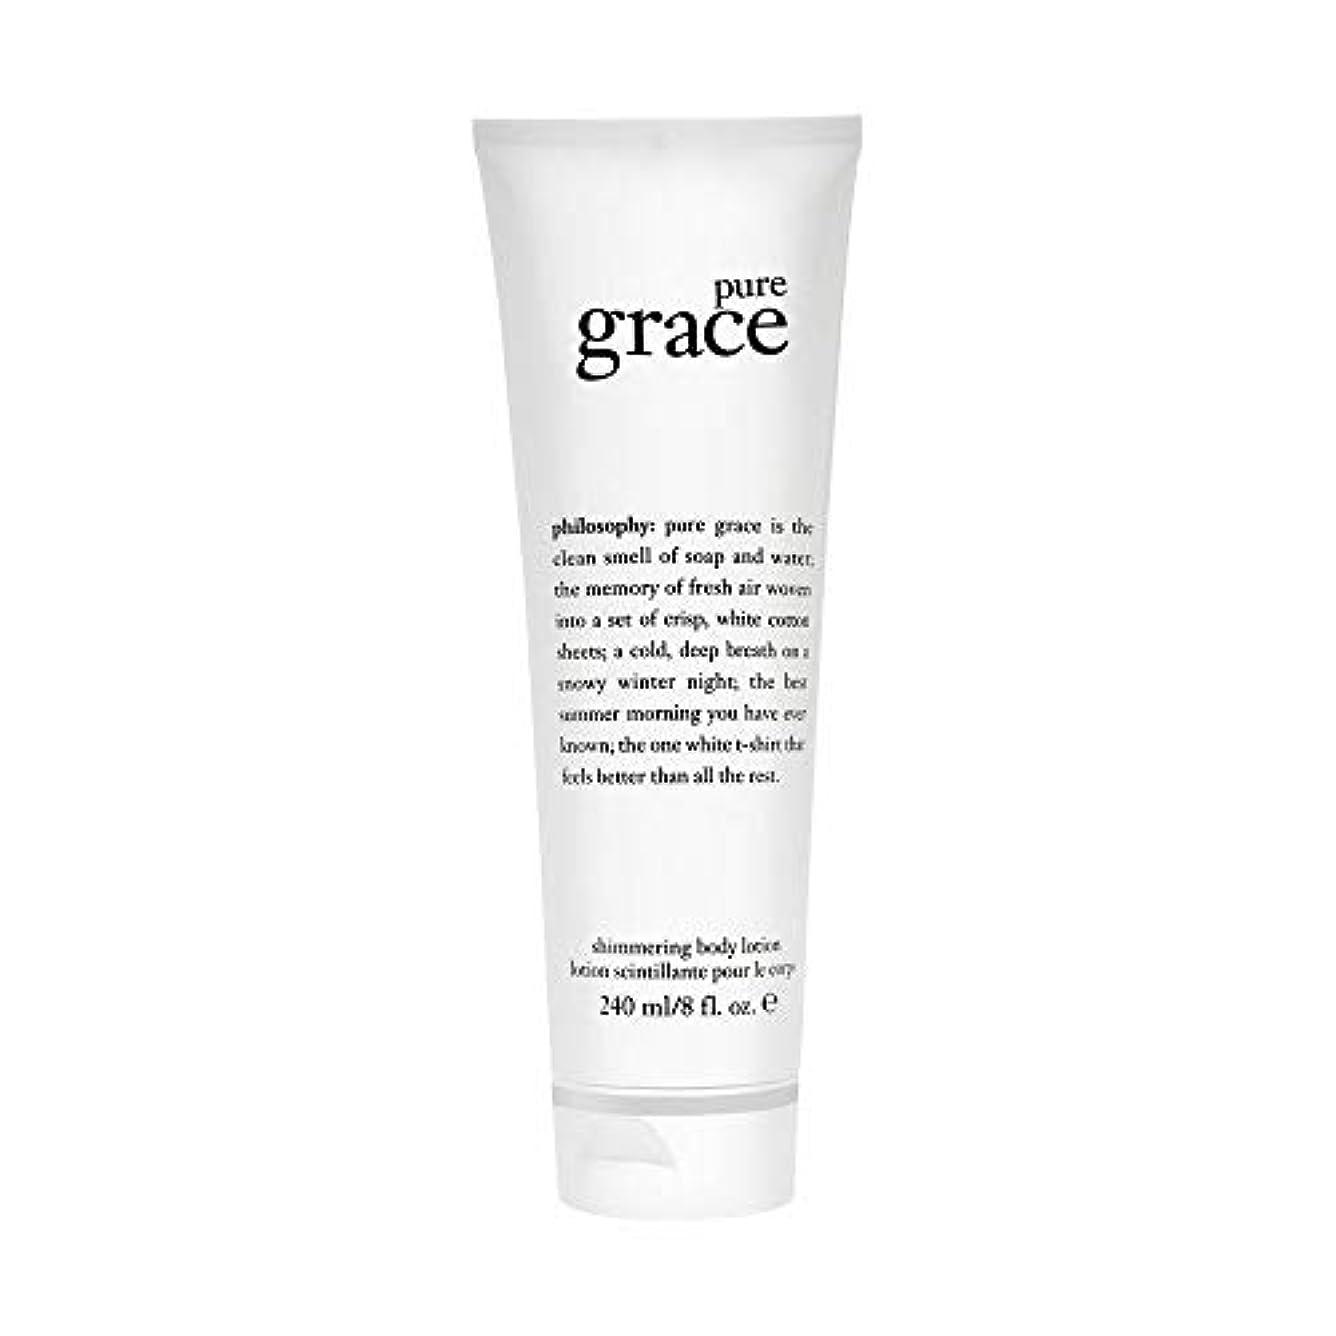 魔術師飢背の高いPure Grace Nude Rose(ピュアグレイス ヌード ローズ ) 8.0 oz (240ml) Body Lotion for Women